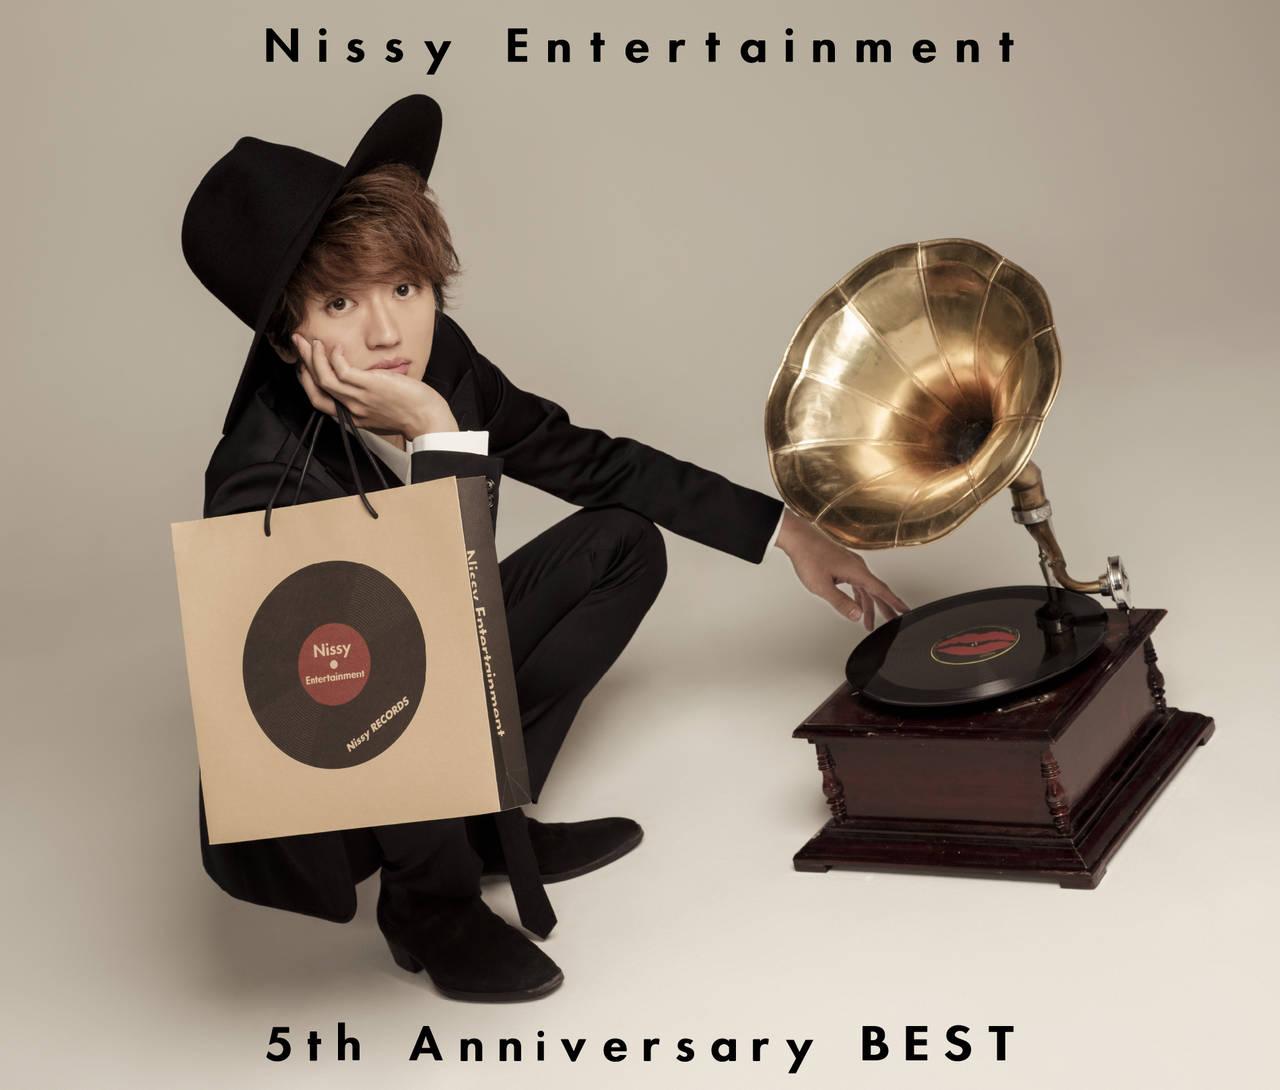 Nissy(西島隆弘)、2月4日《Nissyの日》発売の自身初BEST ALBUMがオリコン週間アルバムランキングで初登場1位獲得!